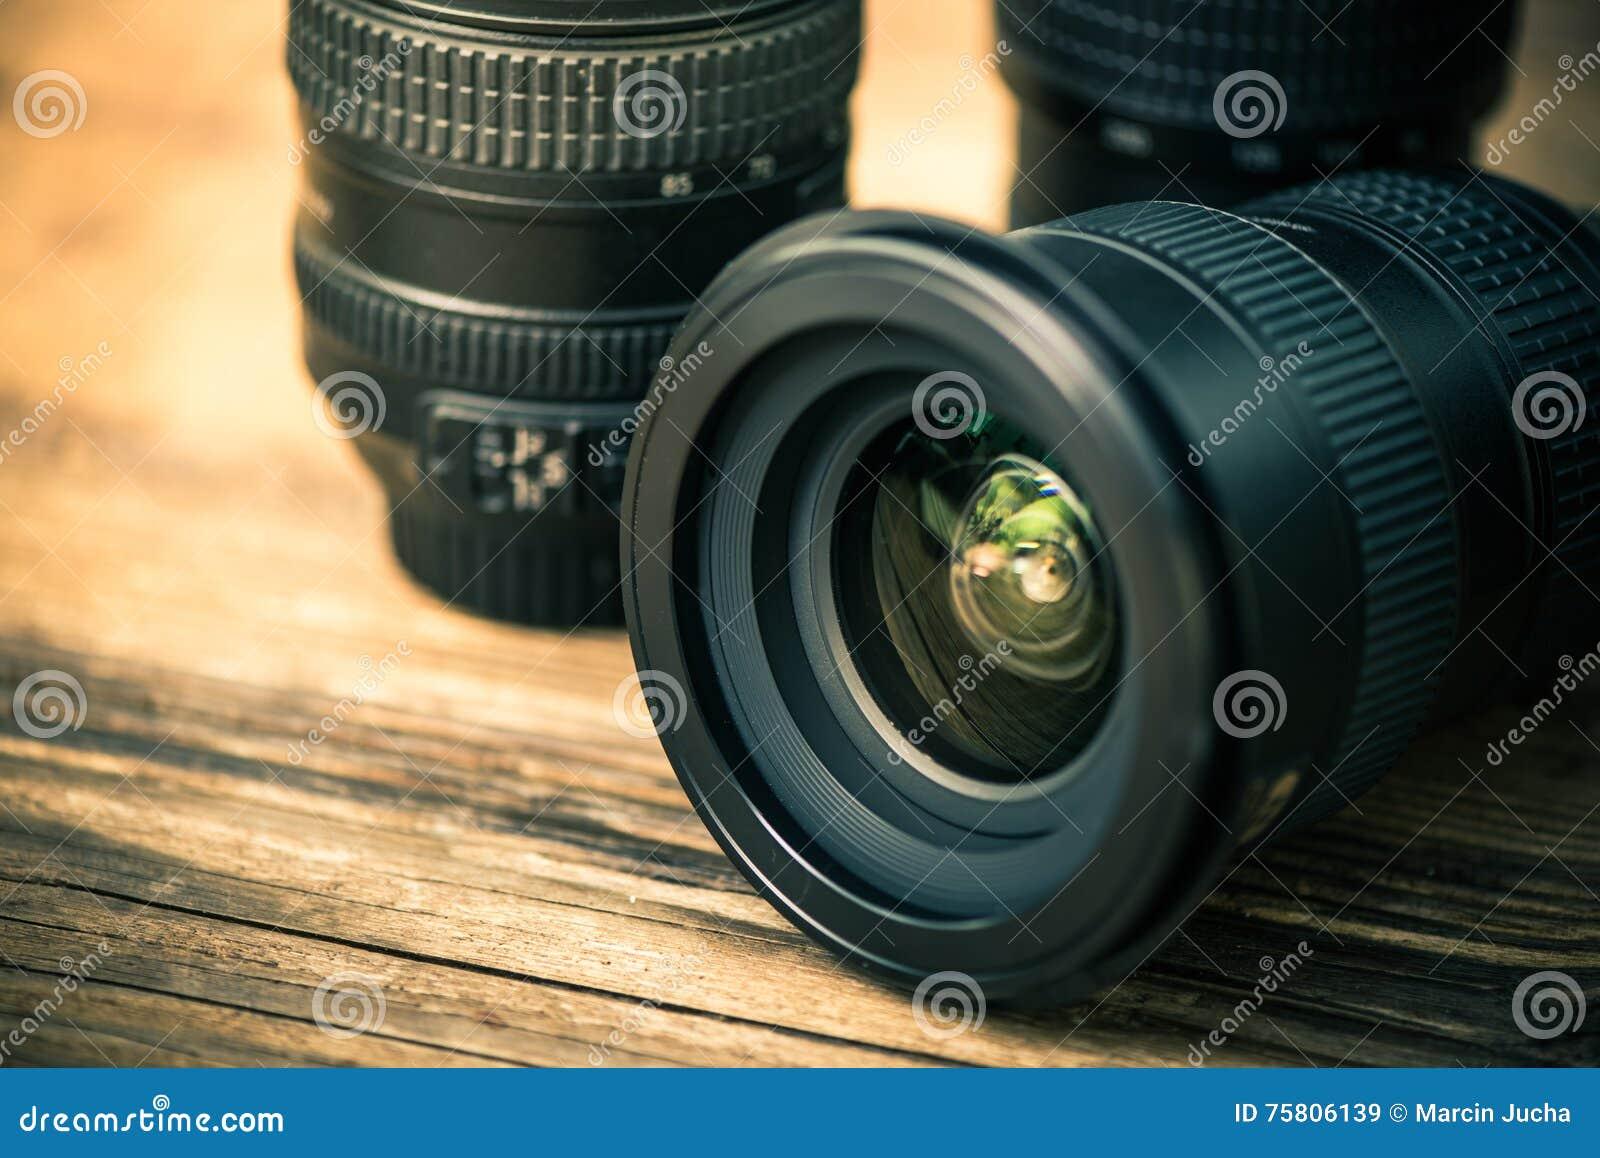 Yrkesmässig lins för digitalt fotografi